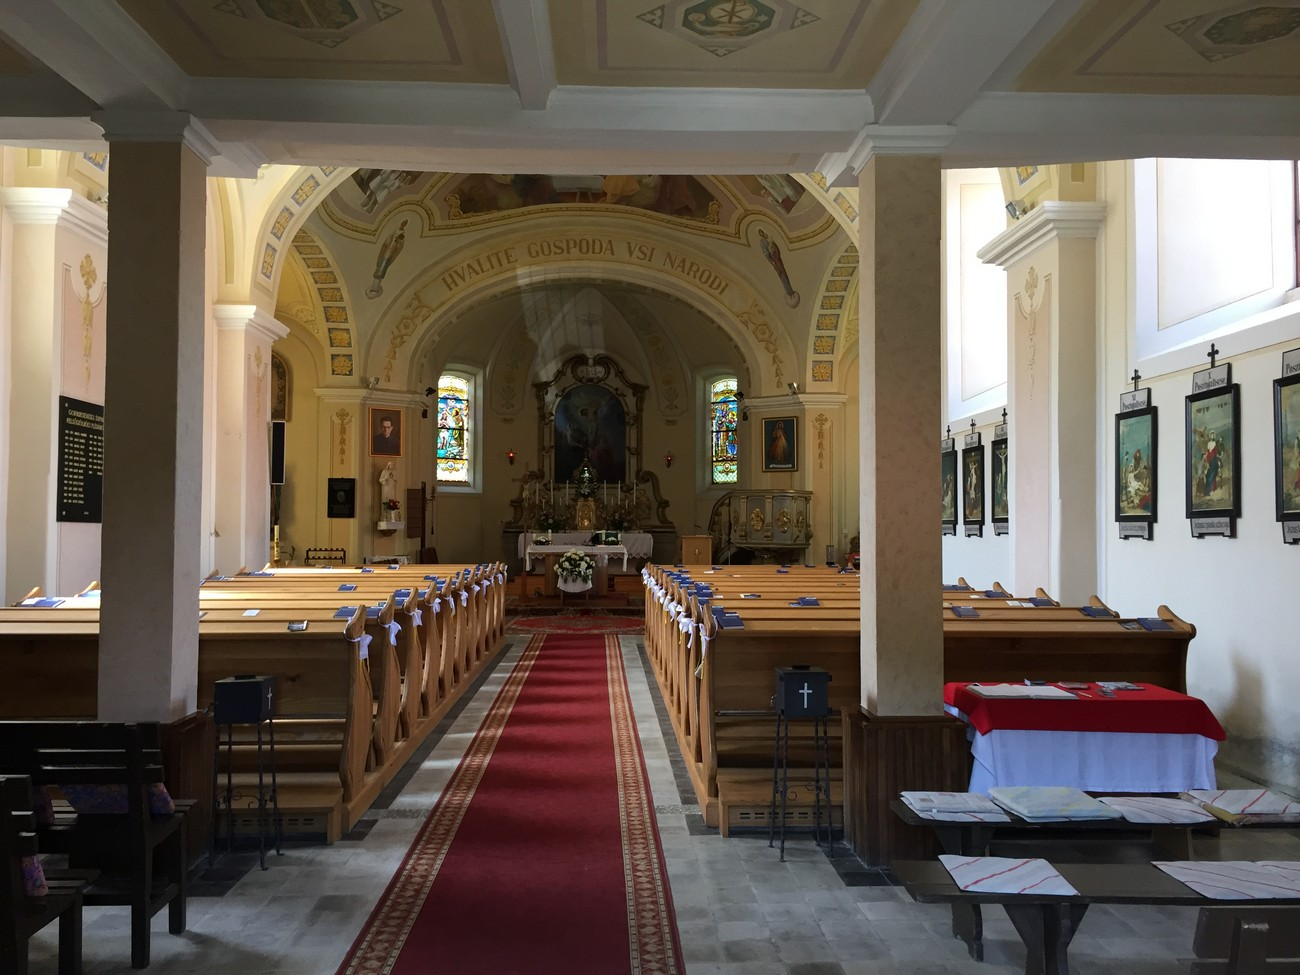 Notranjost cerkve na Gornjem Seniku. Slovenski jezik se je v Porabju ohranil predvsem v Cerkvi in družini. Avtor fotografije: Marija Mukič.